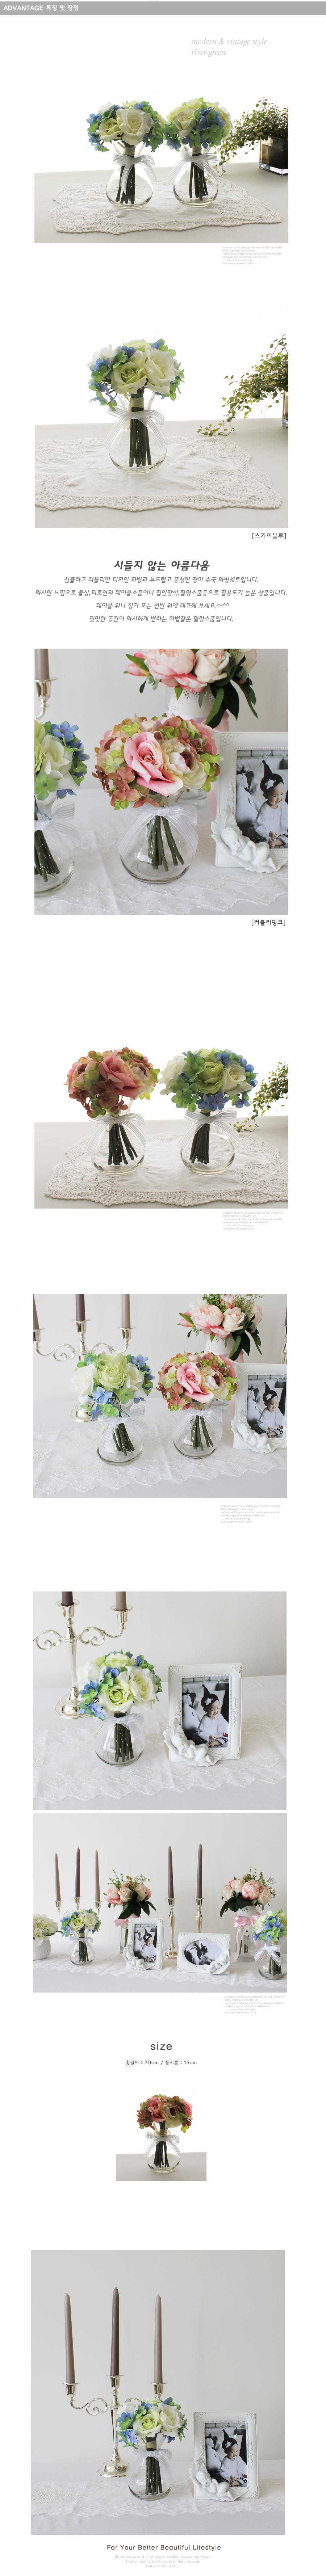 장미수국 러블리 화병세트-2color - 리버그린, 23,600원, 화병/수반, 기타화병